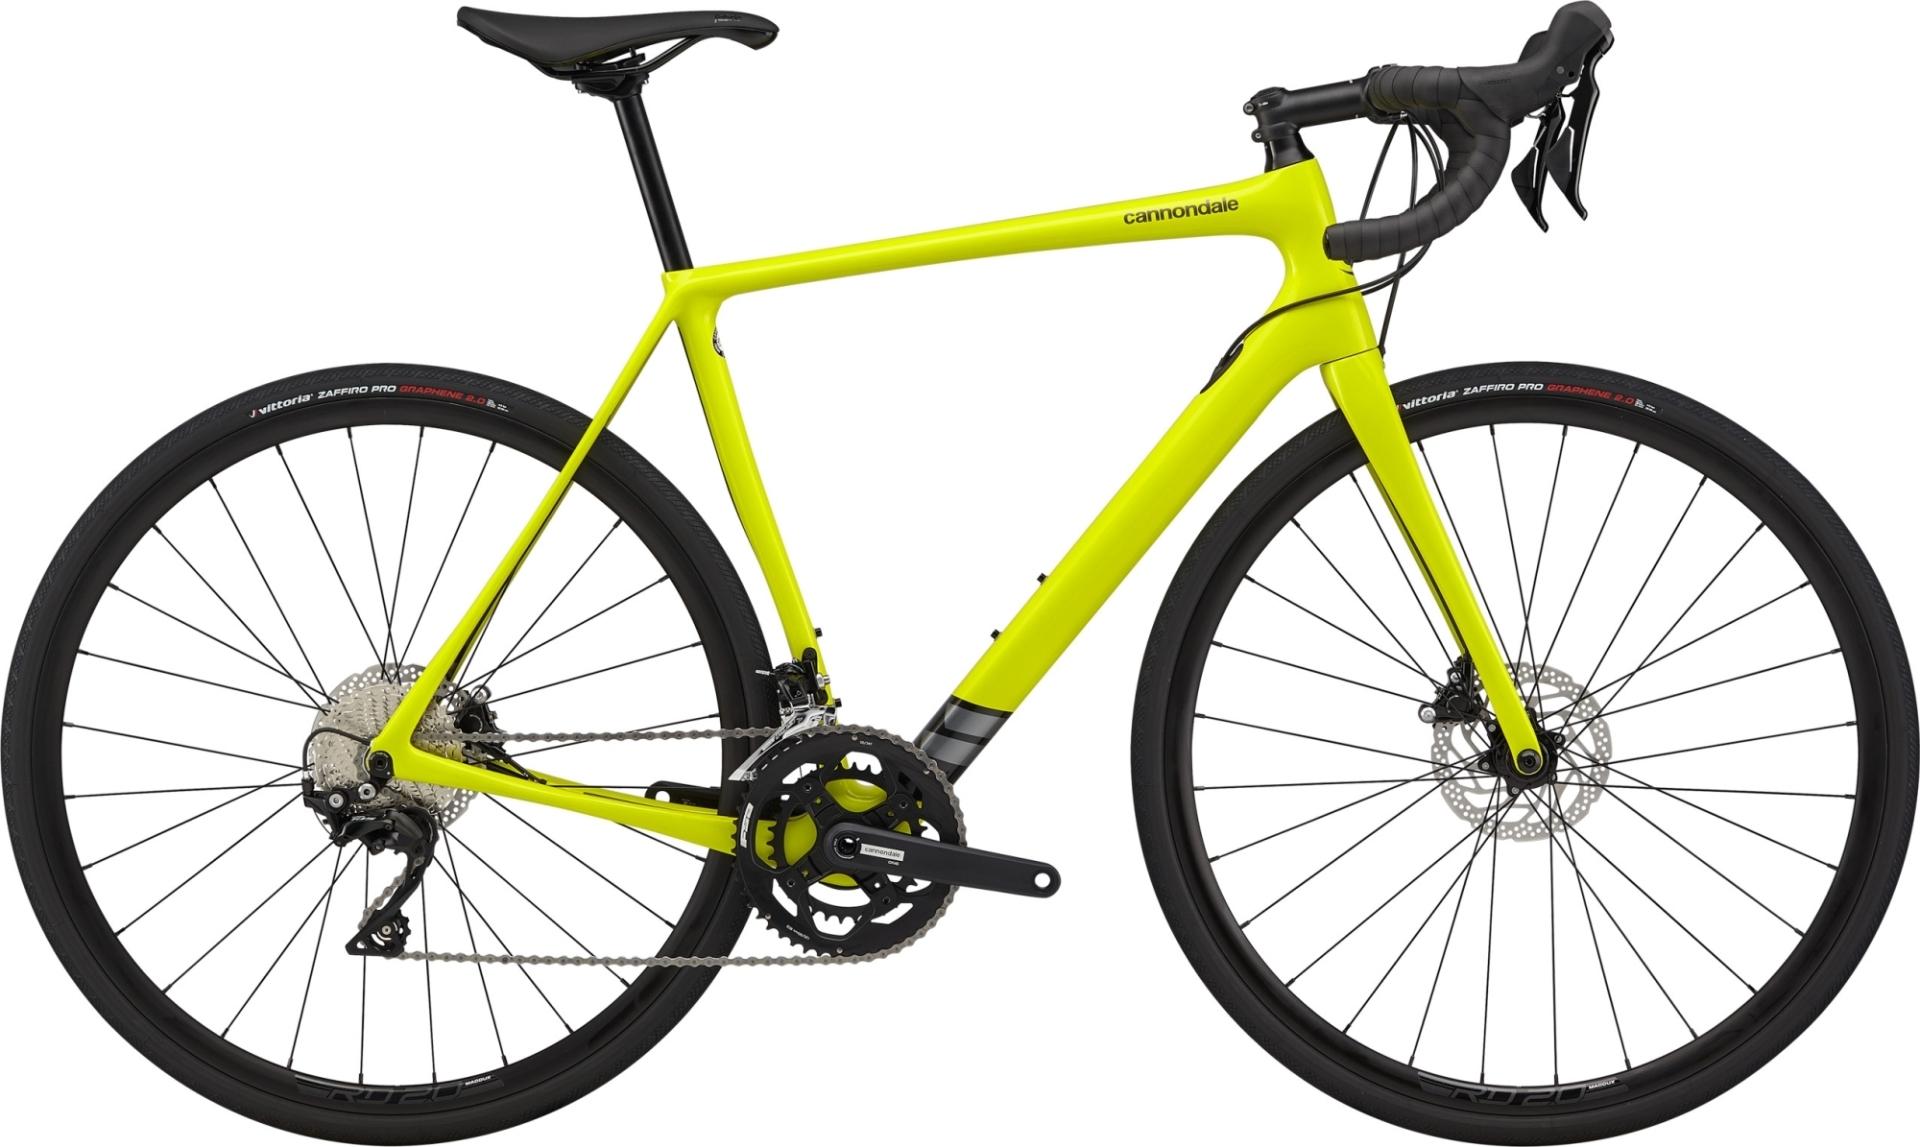 Cannondale Synapse Carbon 105 országúti kerékpár - sárga - 58 cm (2020)